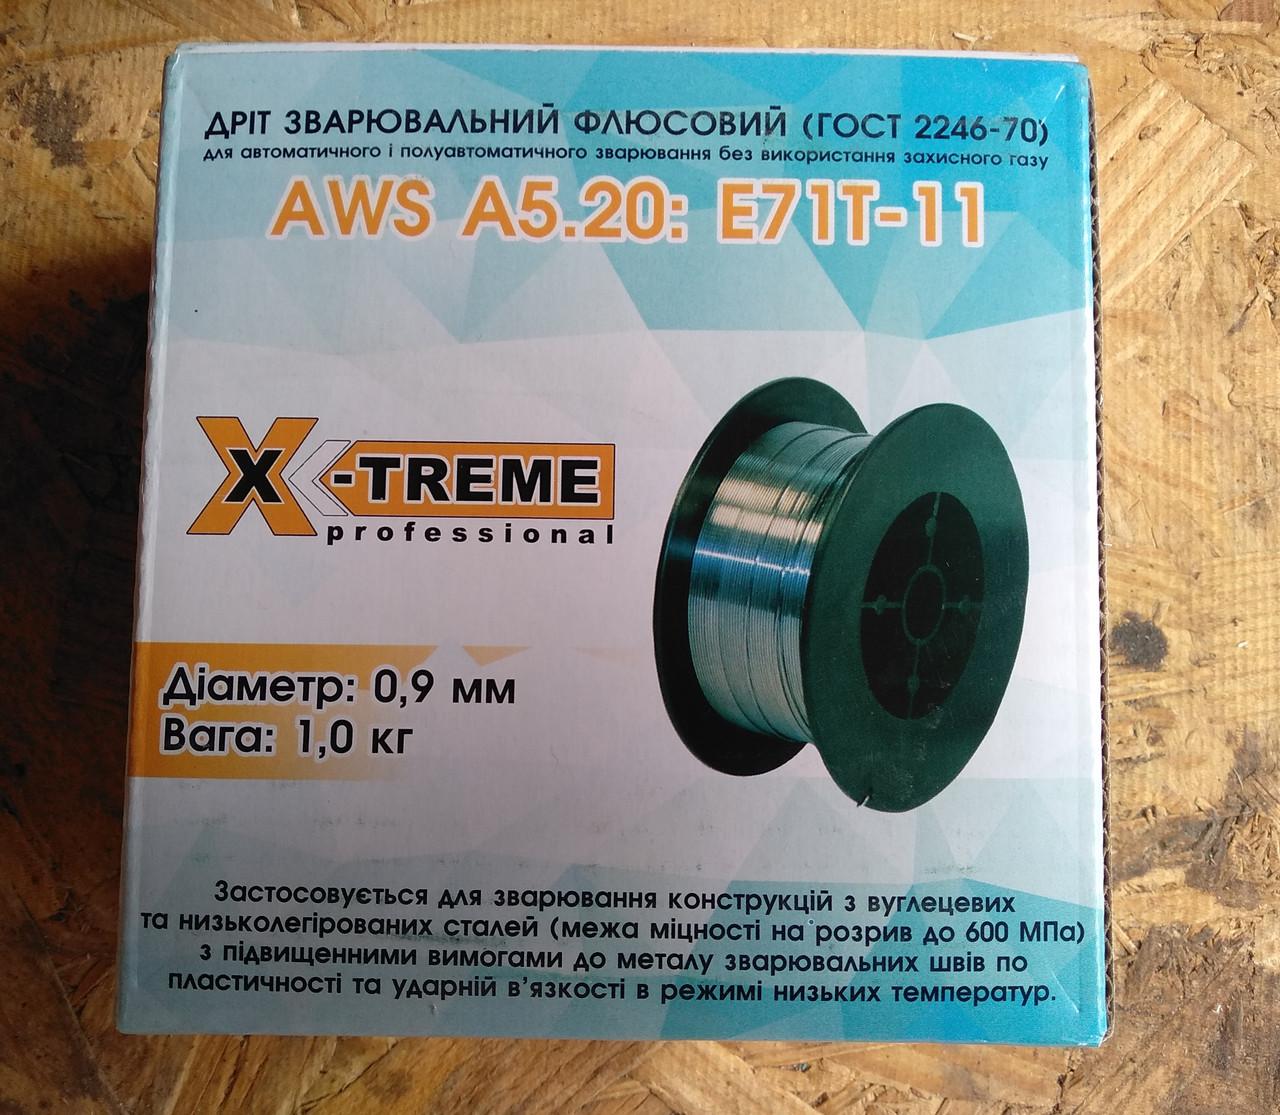 Дріт зварювальний порошковий X-Treme professional AWS A5.20: E71T-11 0,9 мм 1кг.